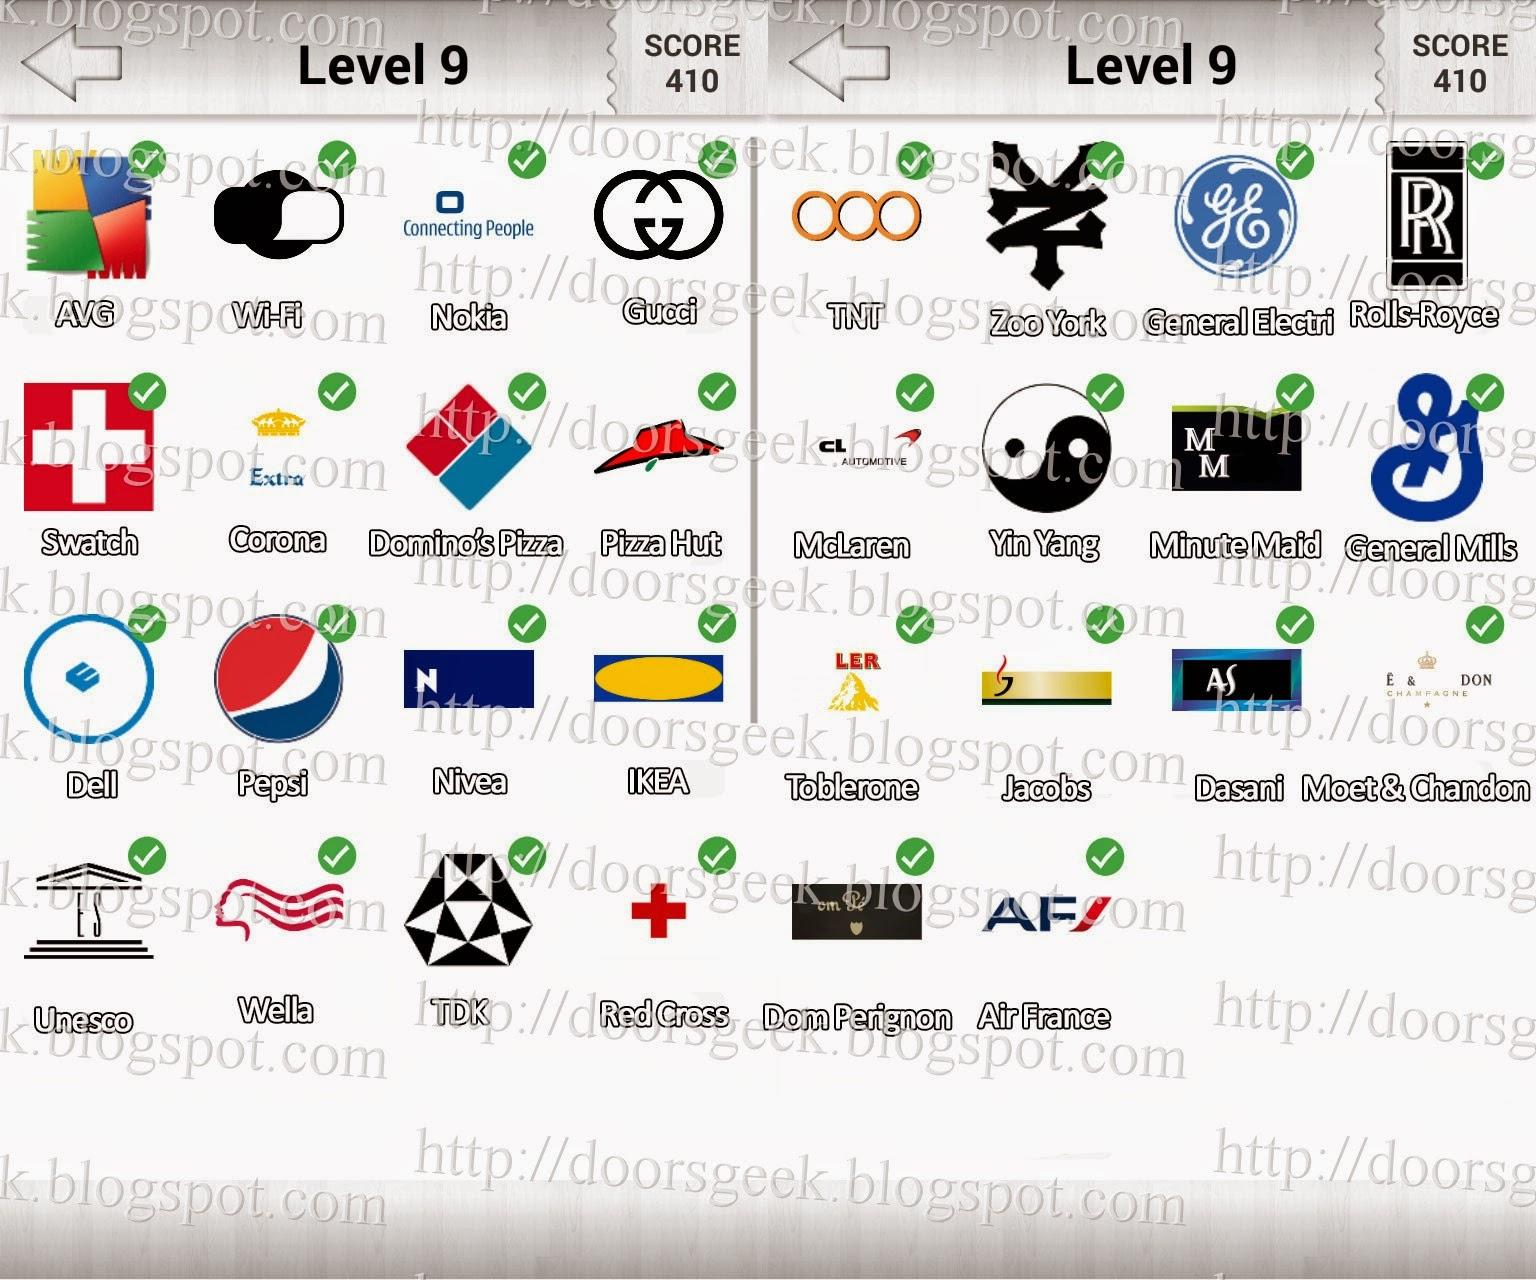 Logo Quiz! Deluxe Level 9 (Candy Logo) ~ Doors Geek